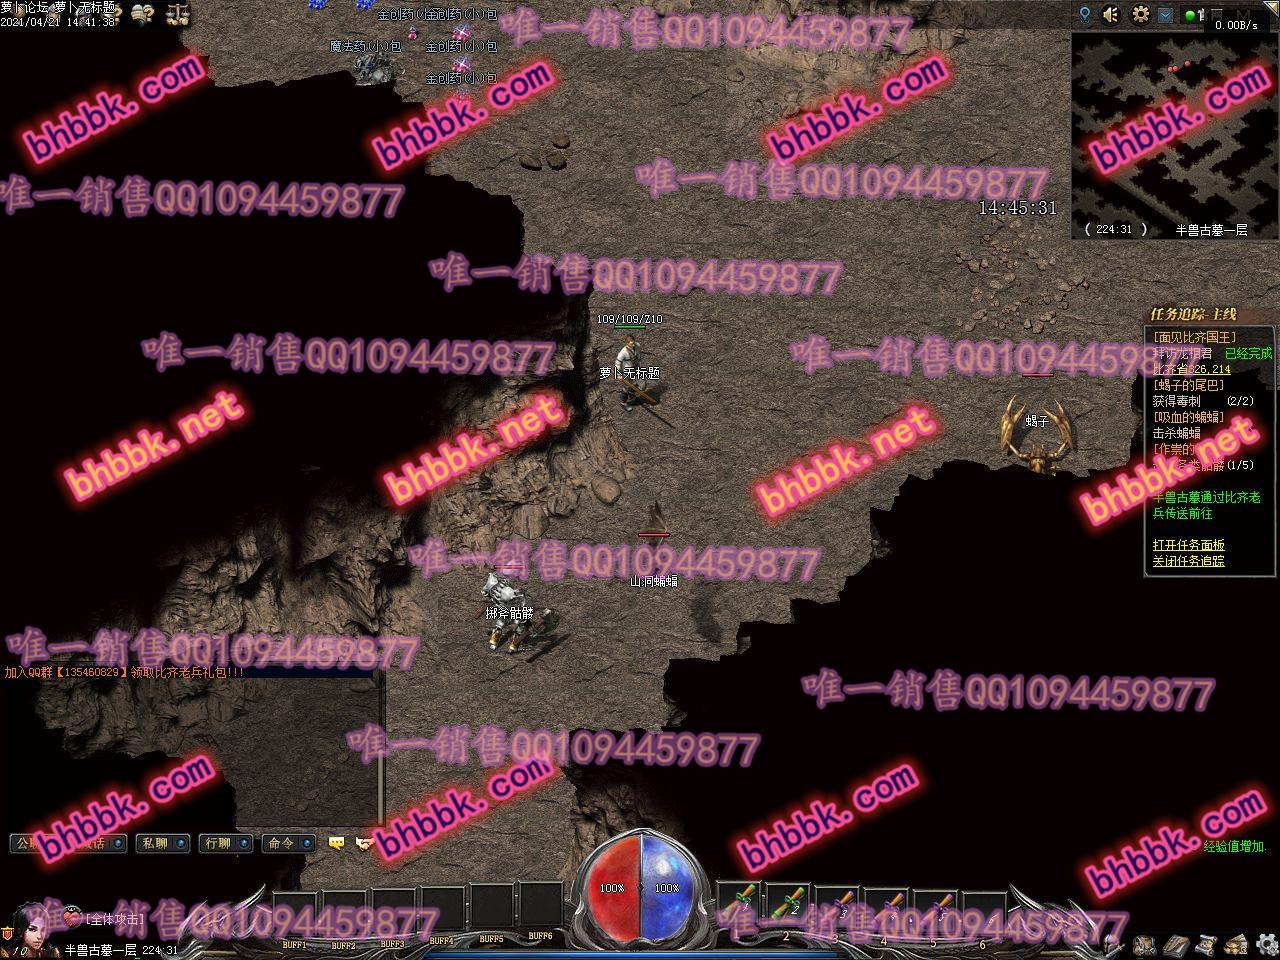 独家传奇永恒铭文2季特色定制三职业版-任务系统-装备雕刻-历练挂机-萝卜版本库